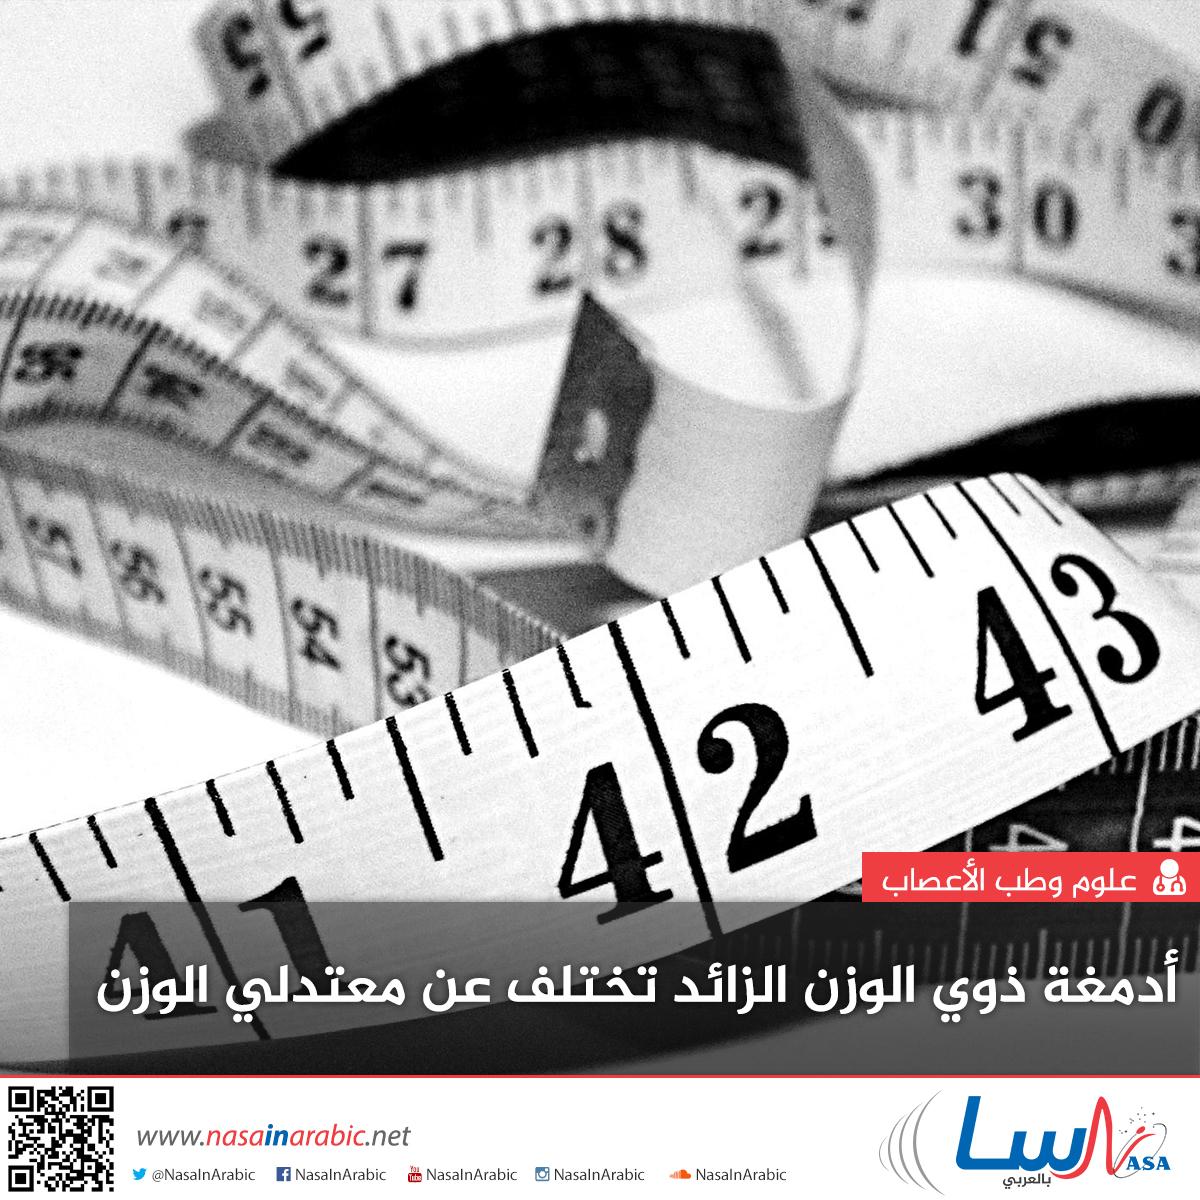 أدمغة ذوي الوزن الزائد تختلف عن معتدلي الوزن